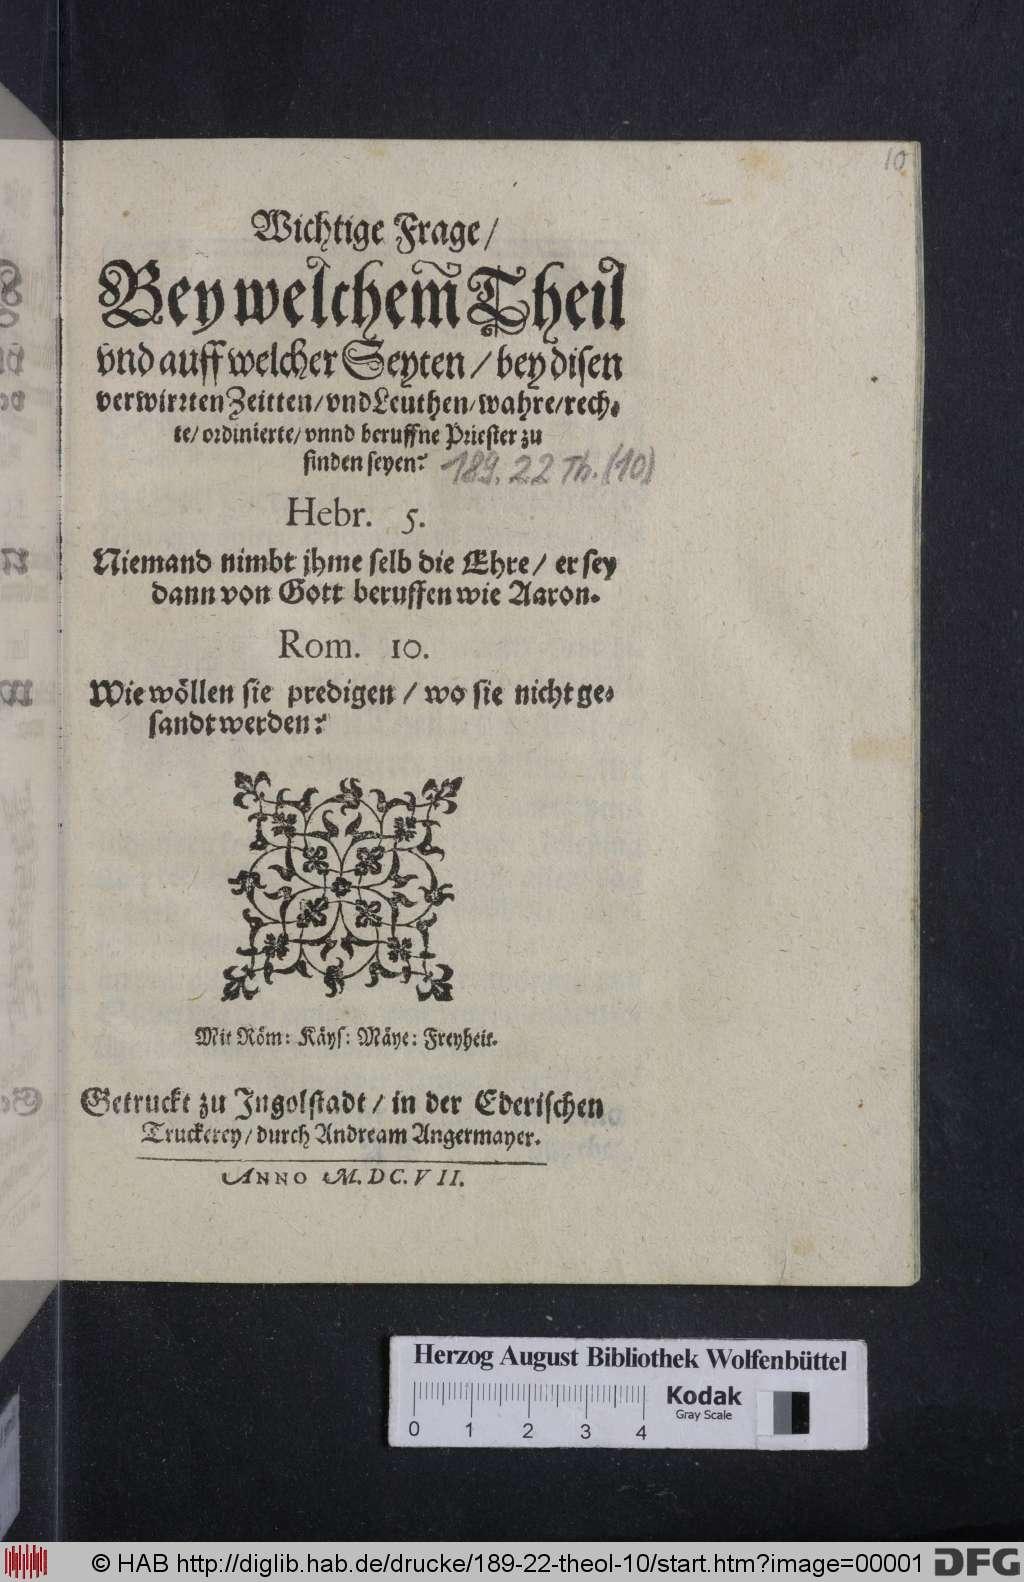 http://diglib.hab.de/drucke/189-22-theol-10/00001.jpg